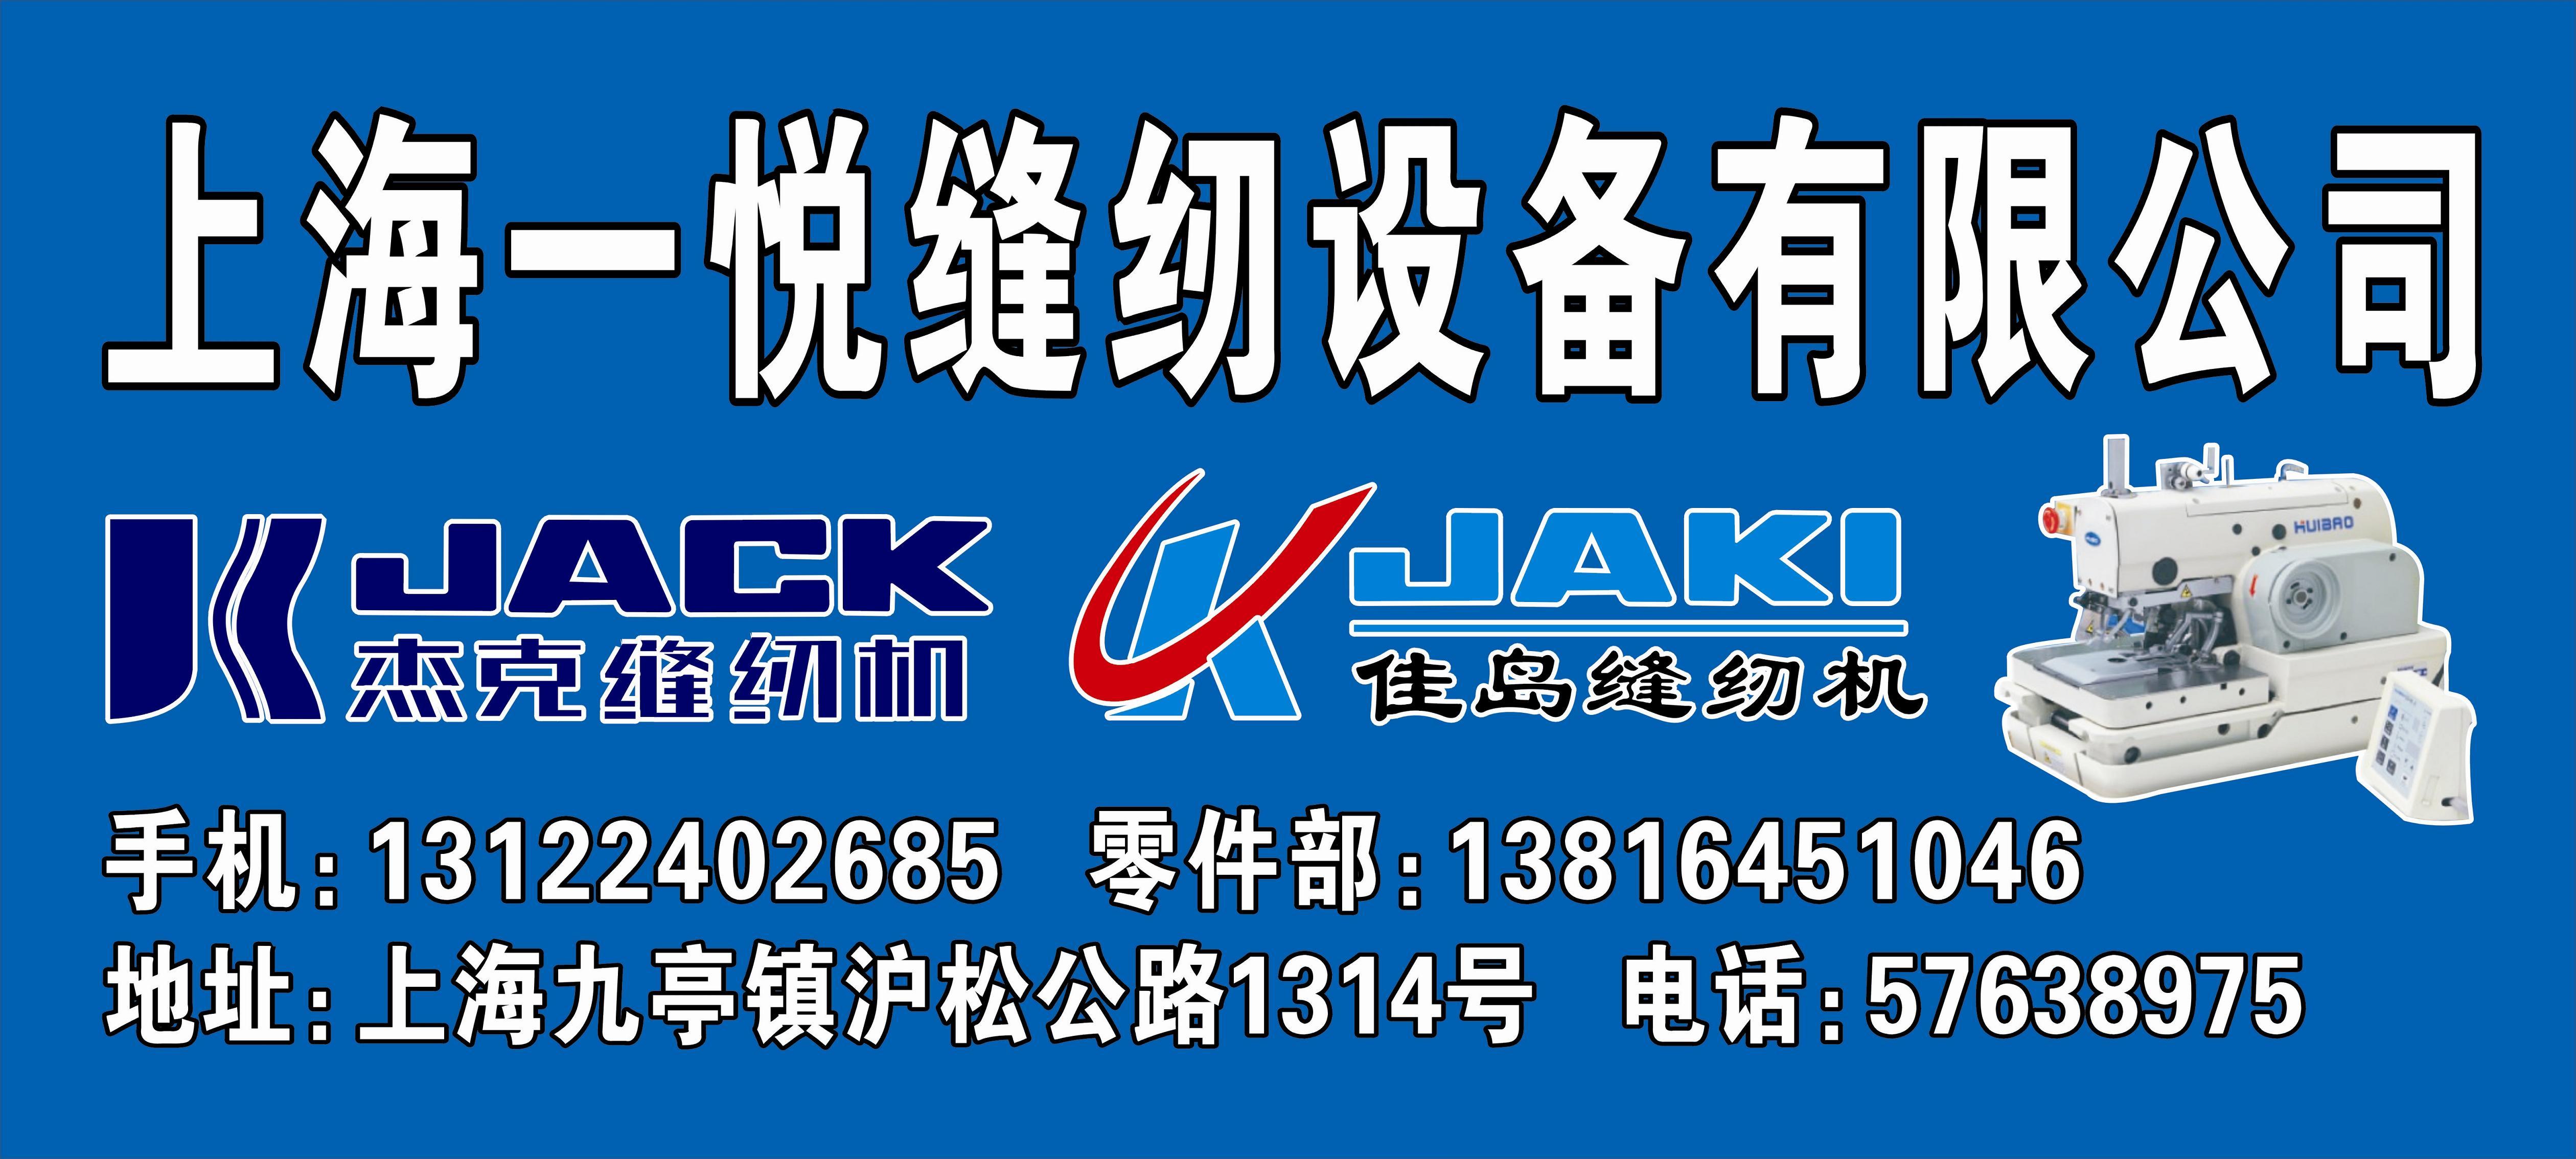 上海一悦缝纫设备有限公司